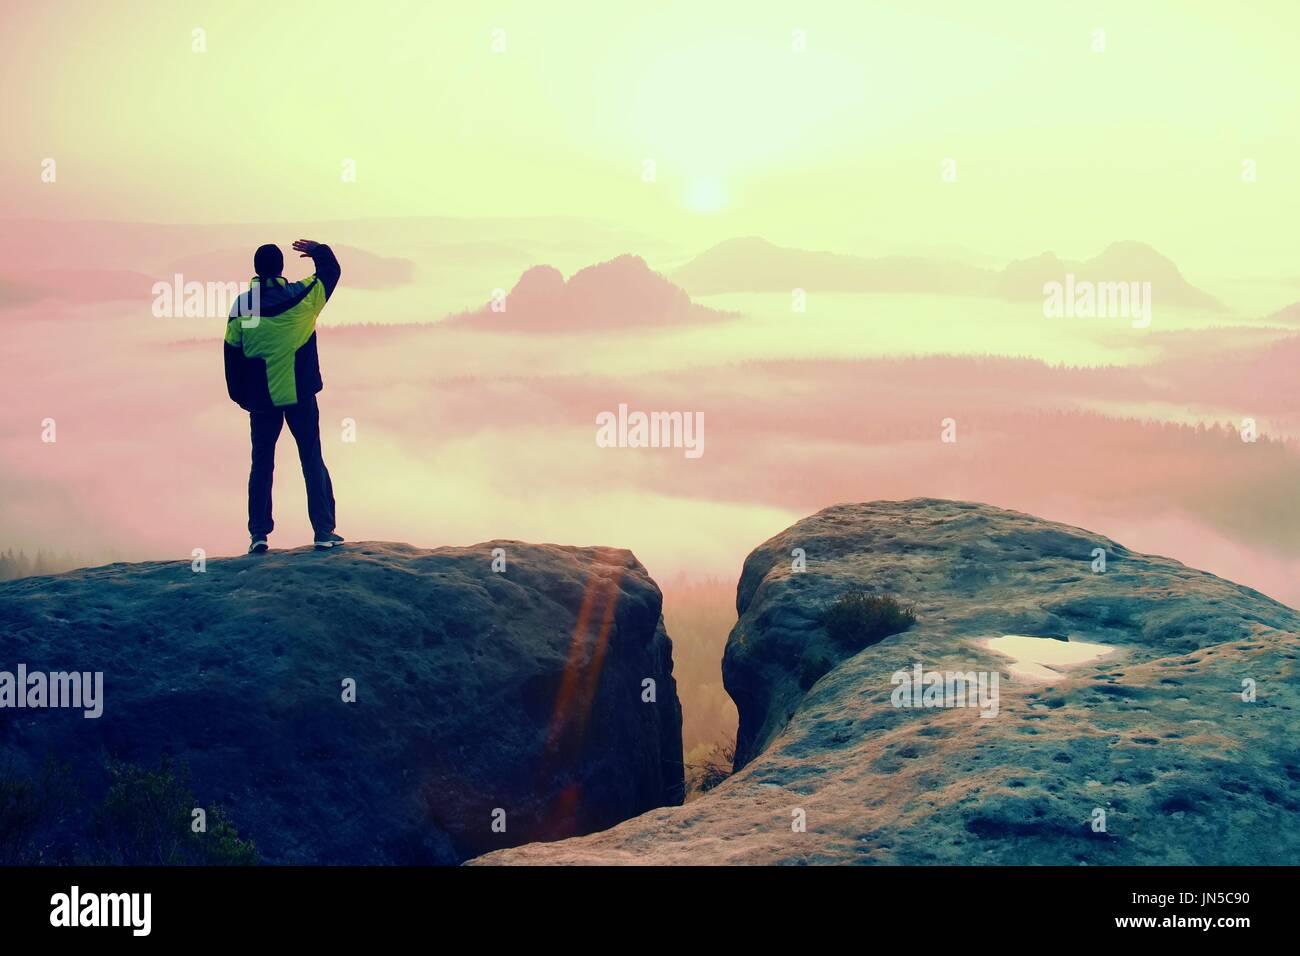 Momento di solitudine. L uomo sulla roccia imperi e guardare oltre il misty e nebbiosa mattina valley. Immagini Stock